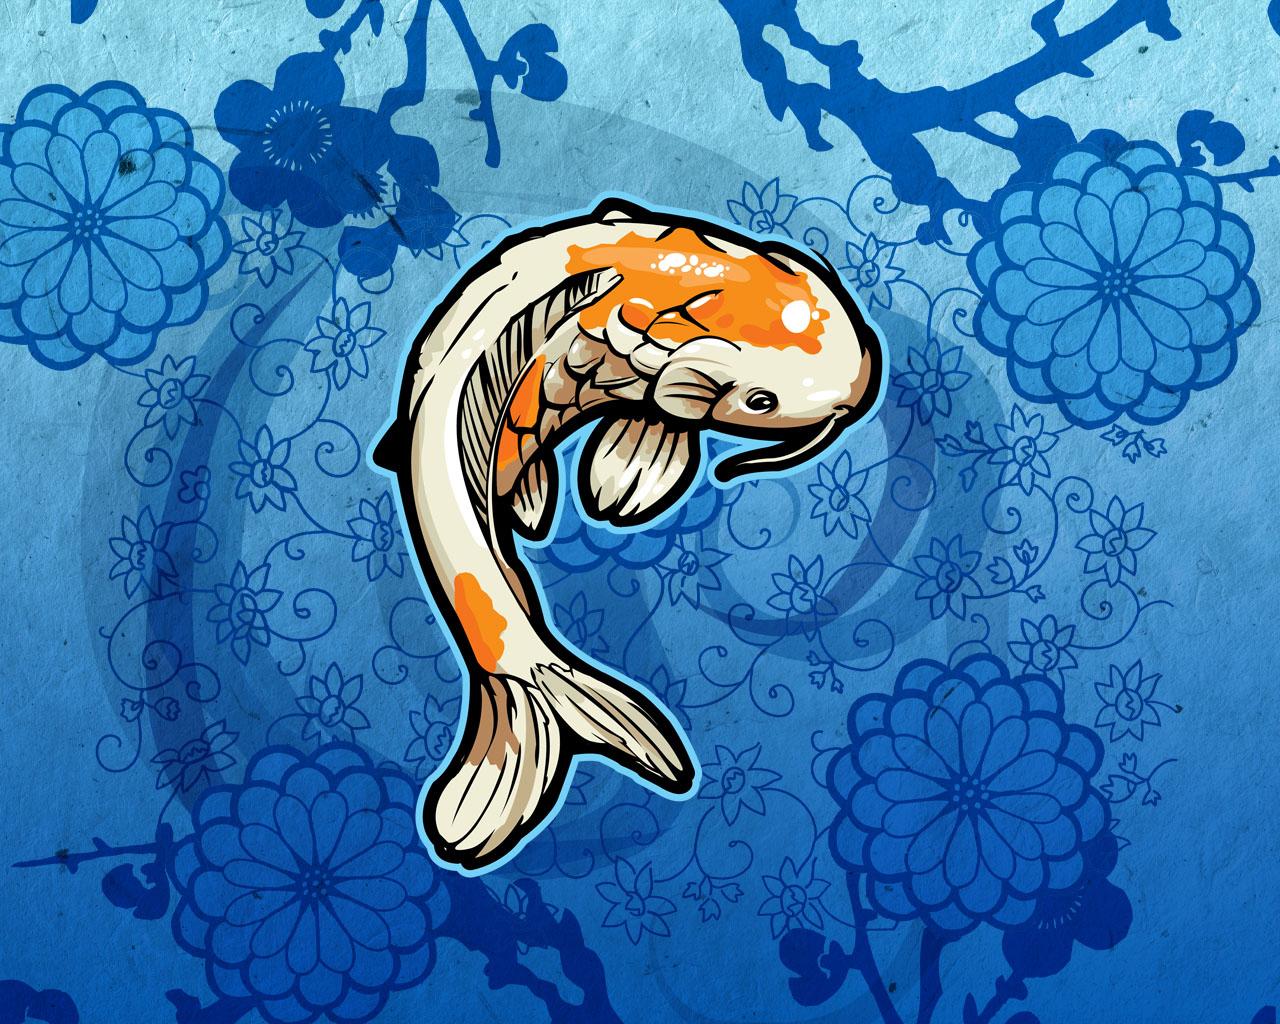 金鱼种类优秀课件PPT:这是一个关于金鱼种类优秀课件PPT,这节课主要是了解金鱼的种类,金鱼是杂食性动物,欣赏各种各样的金鱼的特点等,欢迎点击下载金鱼种类优秀课件PPT哦。金鱼和鲫鱼在分类学上同属于一种(Carassius auratus) 金鱼起源于中国,也称金鲫鱼,近似鲤鱼(Cyprinus carpio)但它没有口须,是由鲫鱼进化而成的观赏鱼类。金鱼的品种很多,颜色有红、橙、紫、蓝、墨、银白、五花等,分为文种、草种、龙种、蛋种四大品系。在12世纪已开始金鱼家化的遗传研究,经过长时间培育,品种不断优